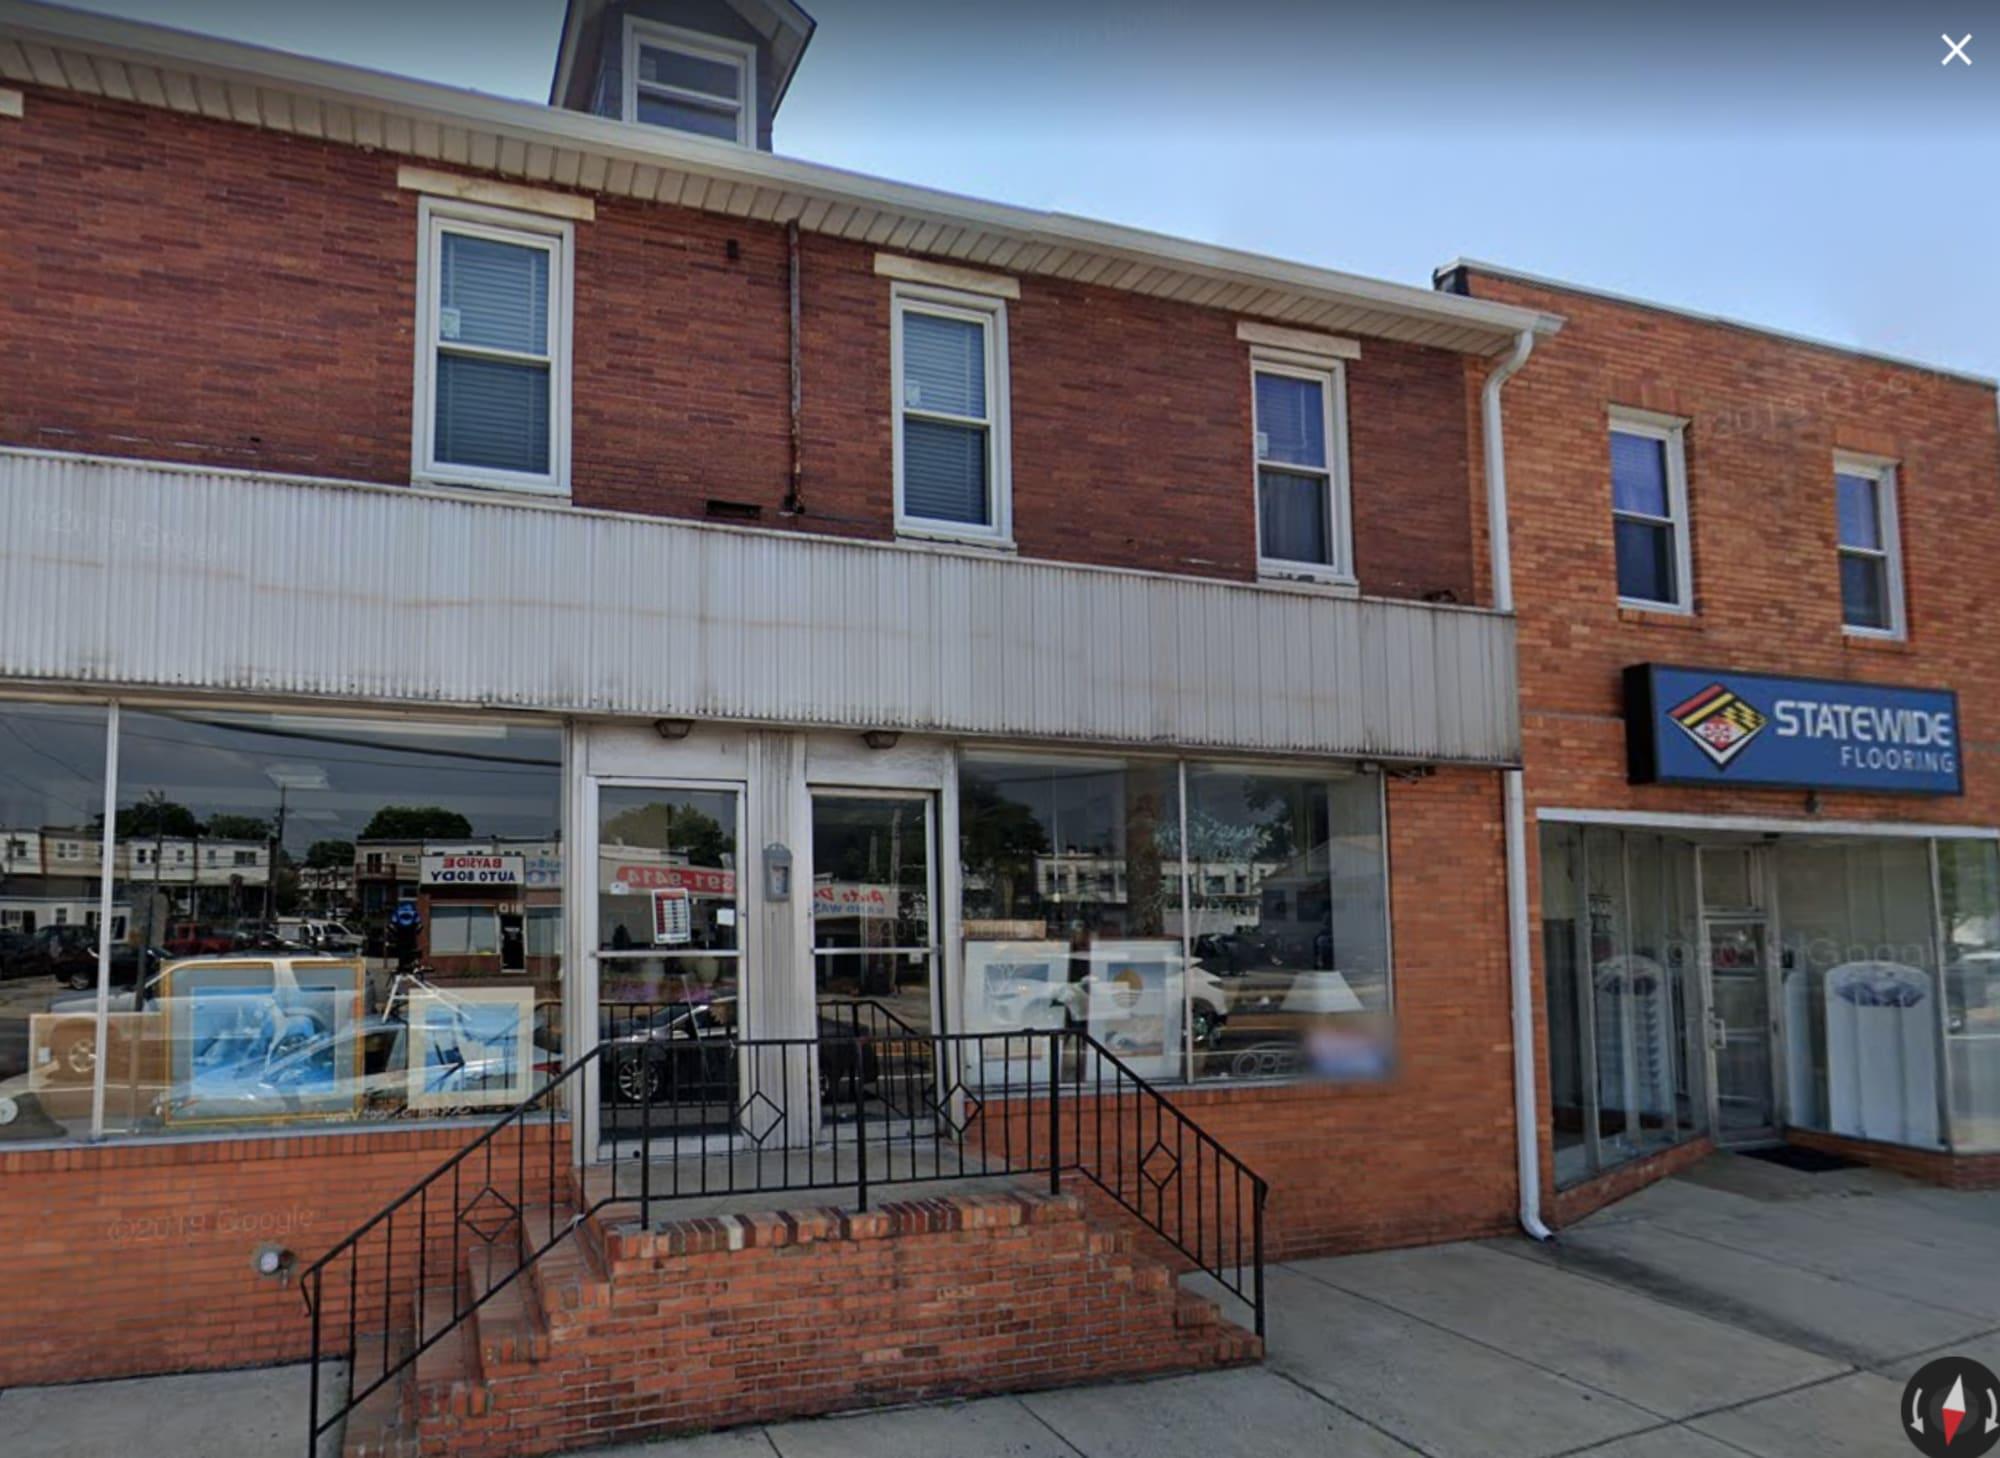 Statewide Flooring - 313 Eastern Blvd Essex, MD 21221